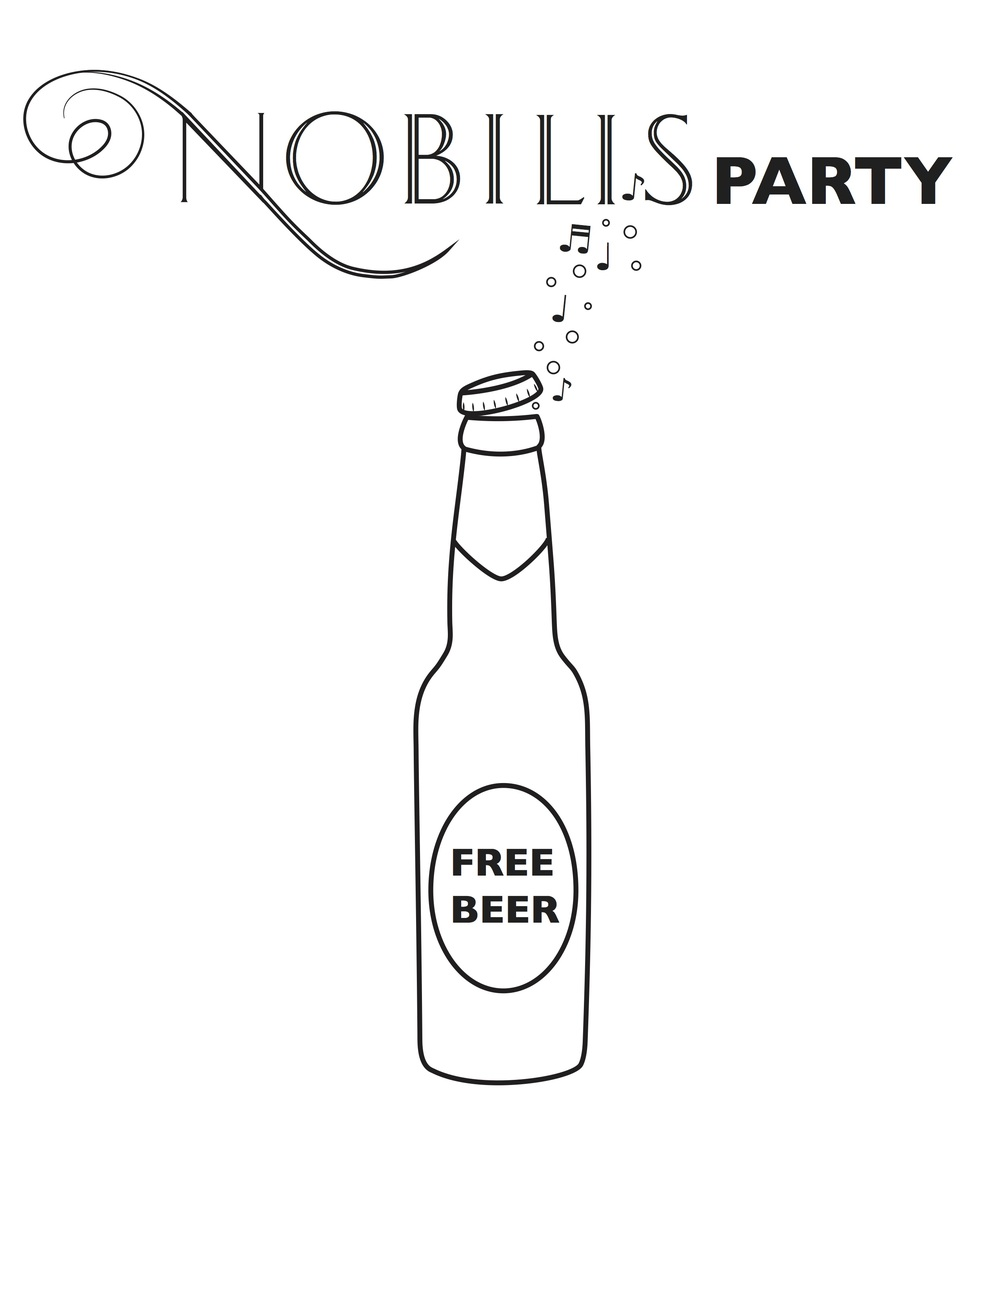 NobilisPartyInvite no text.jpg